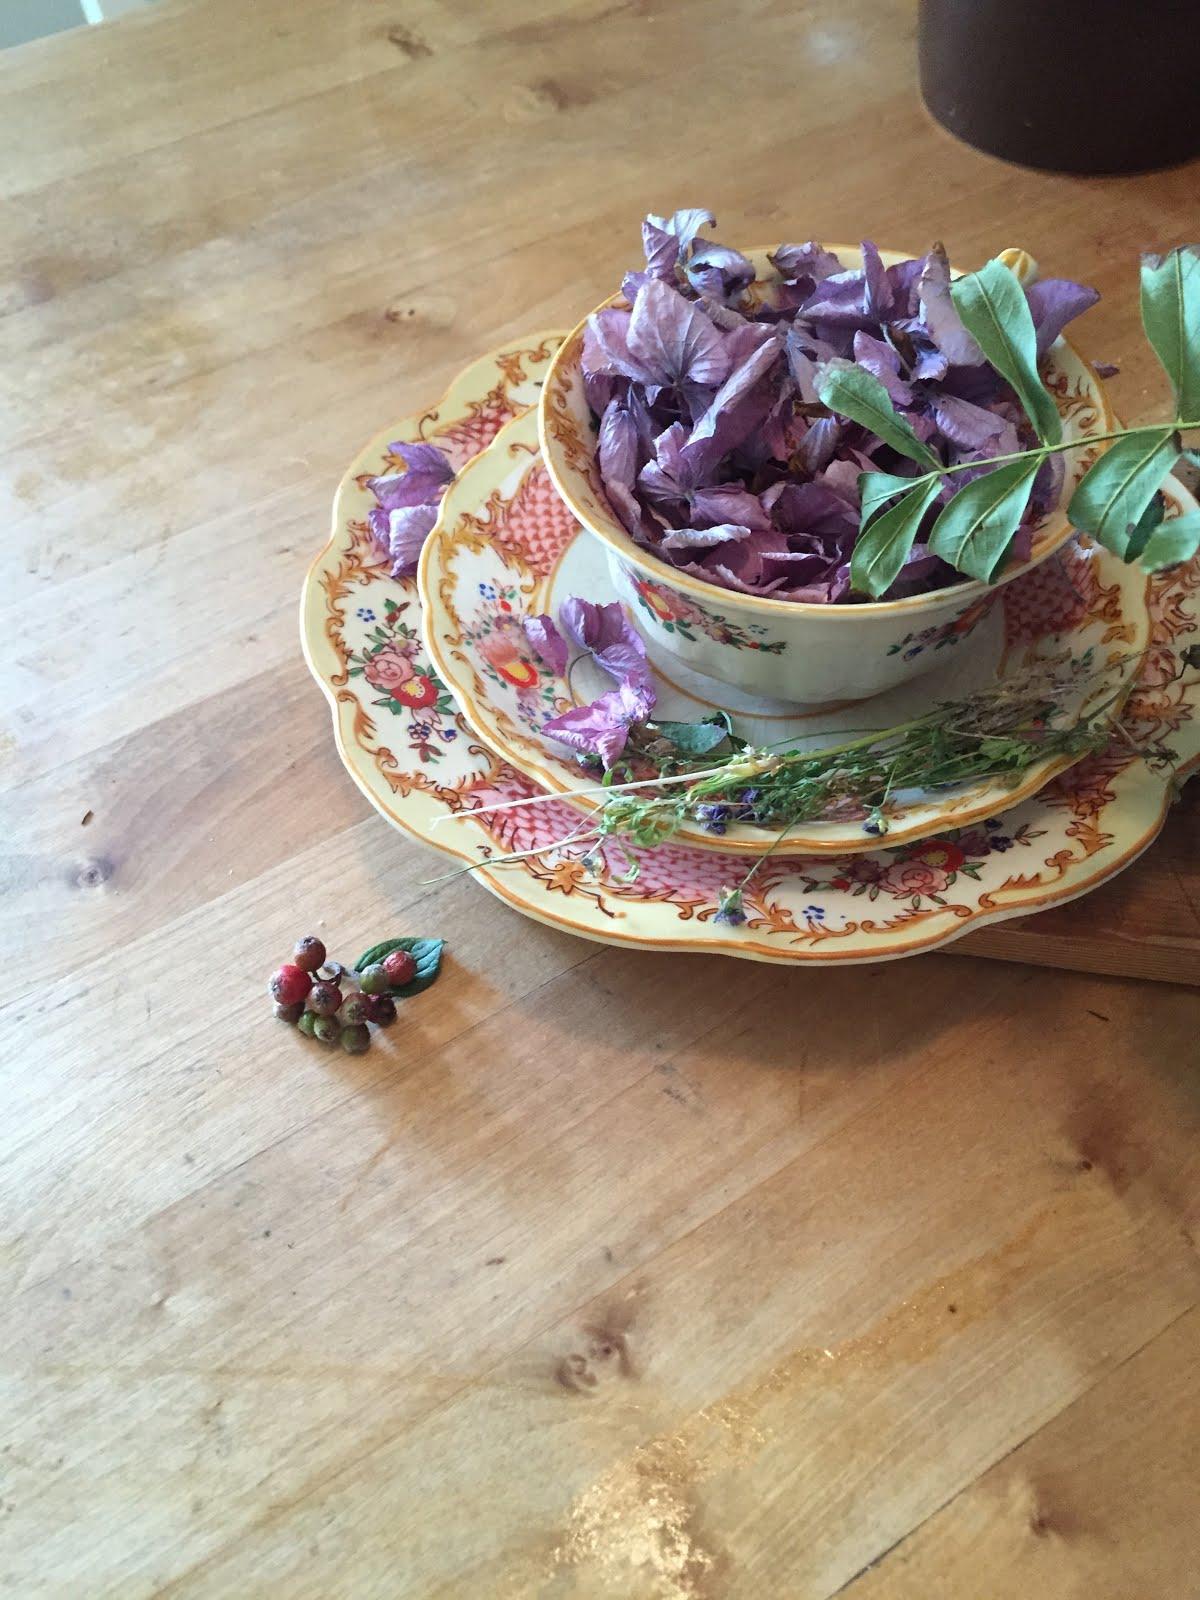 Gammel kopp fylt med naturen